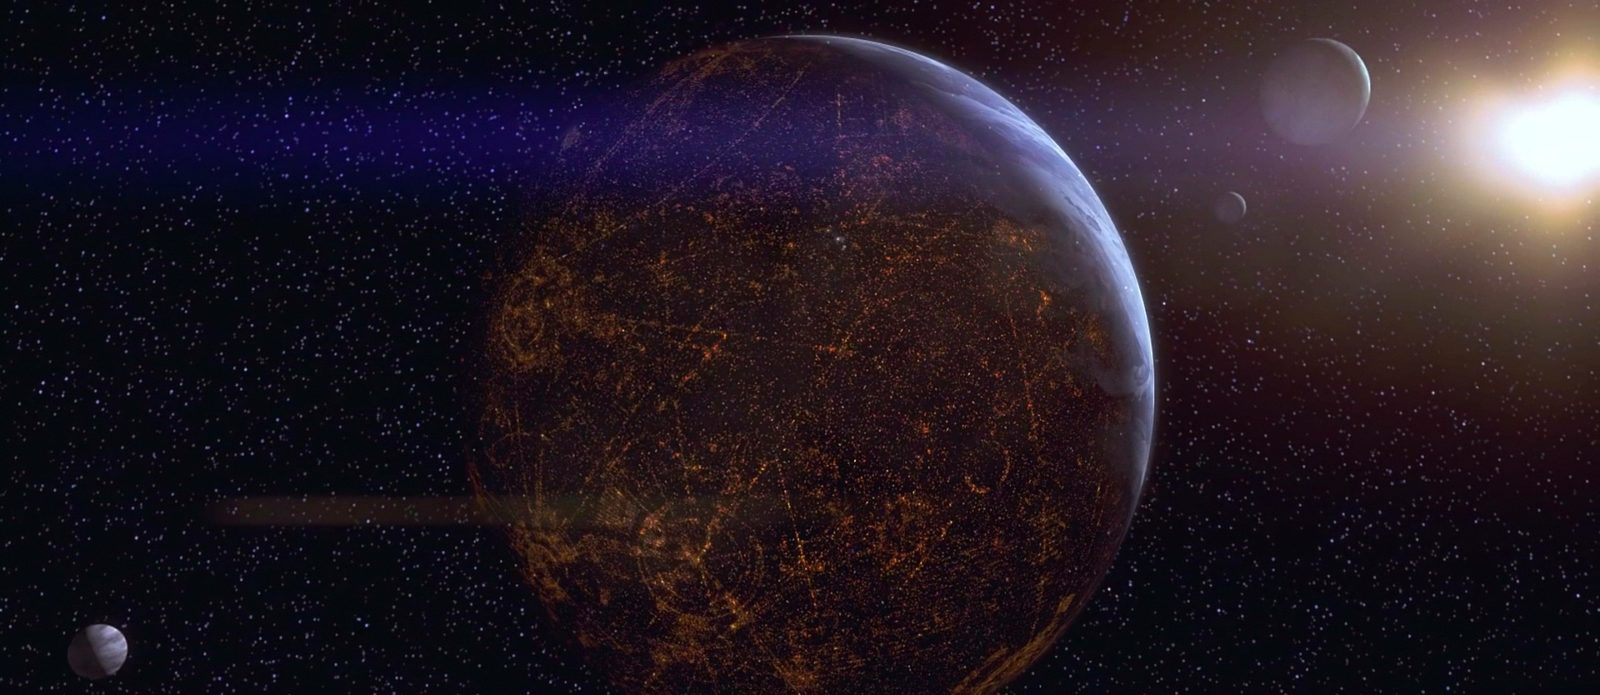 repubblica galattica pianeti simili città spazio pianeta coruscant